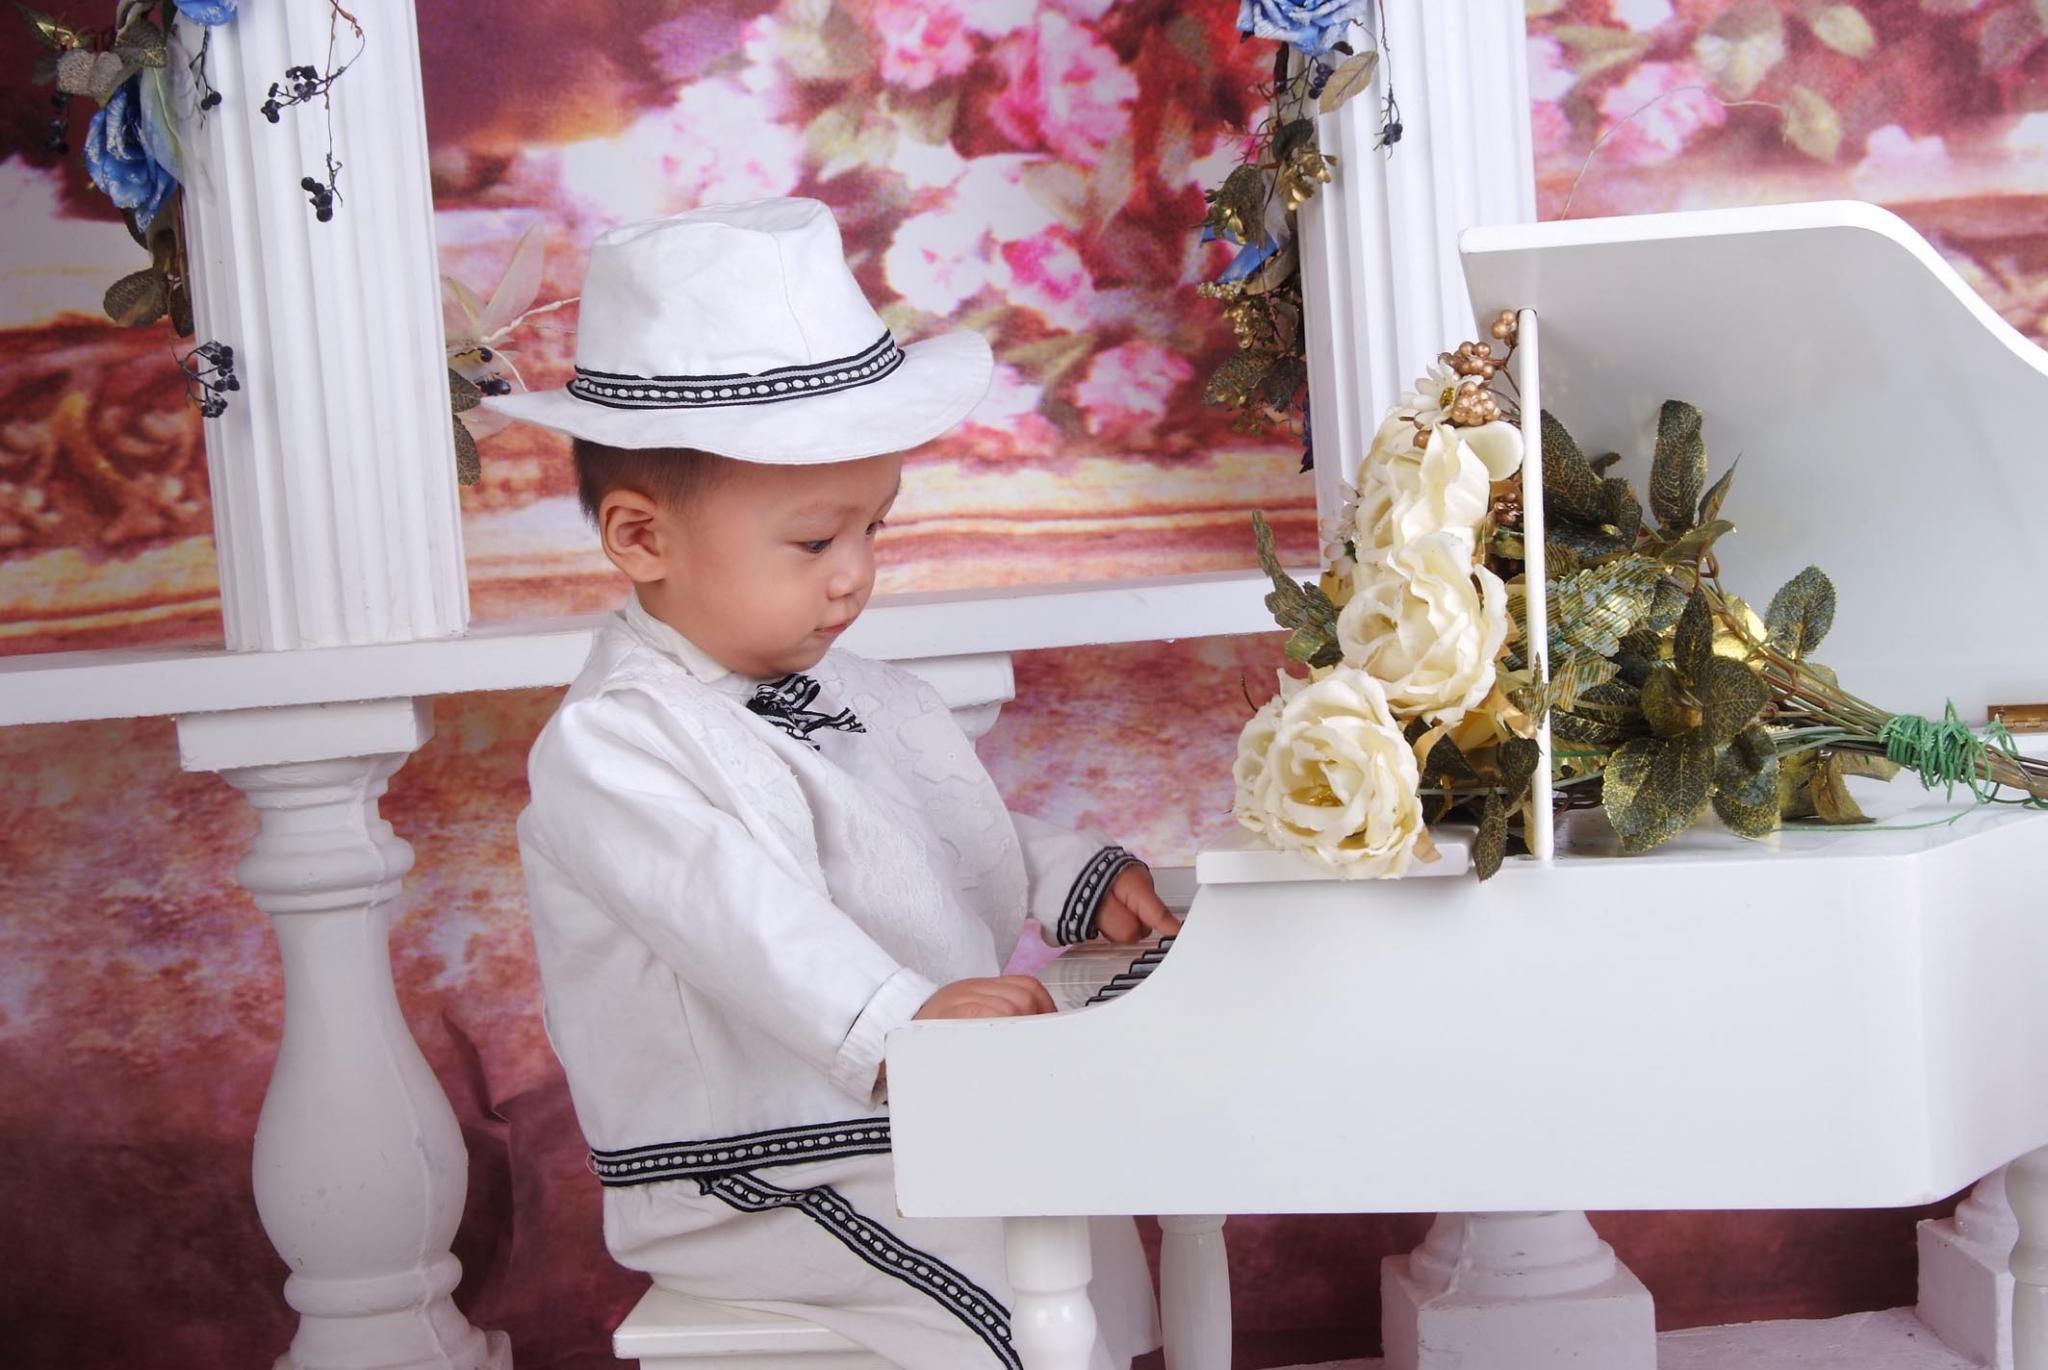 弹钢琴 - 宝宝照 - 父母网